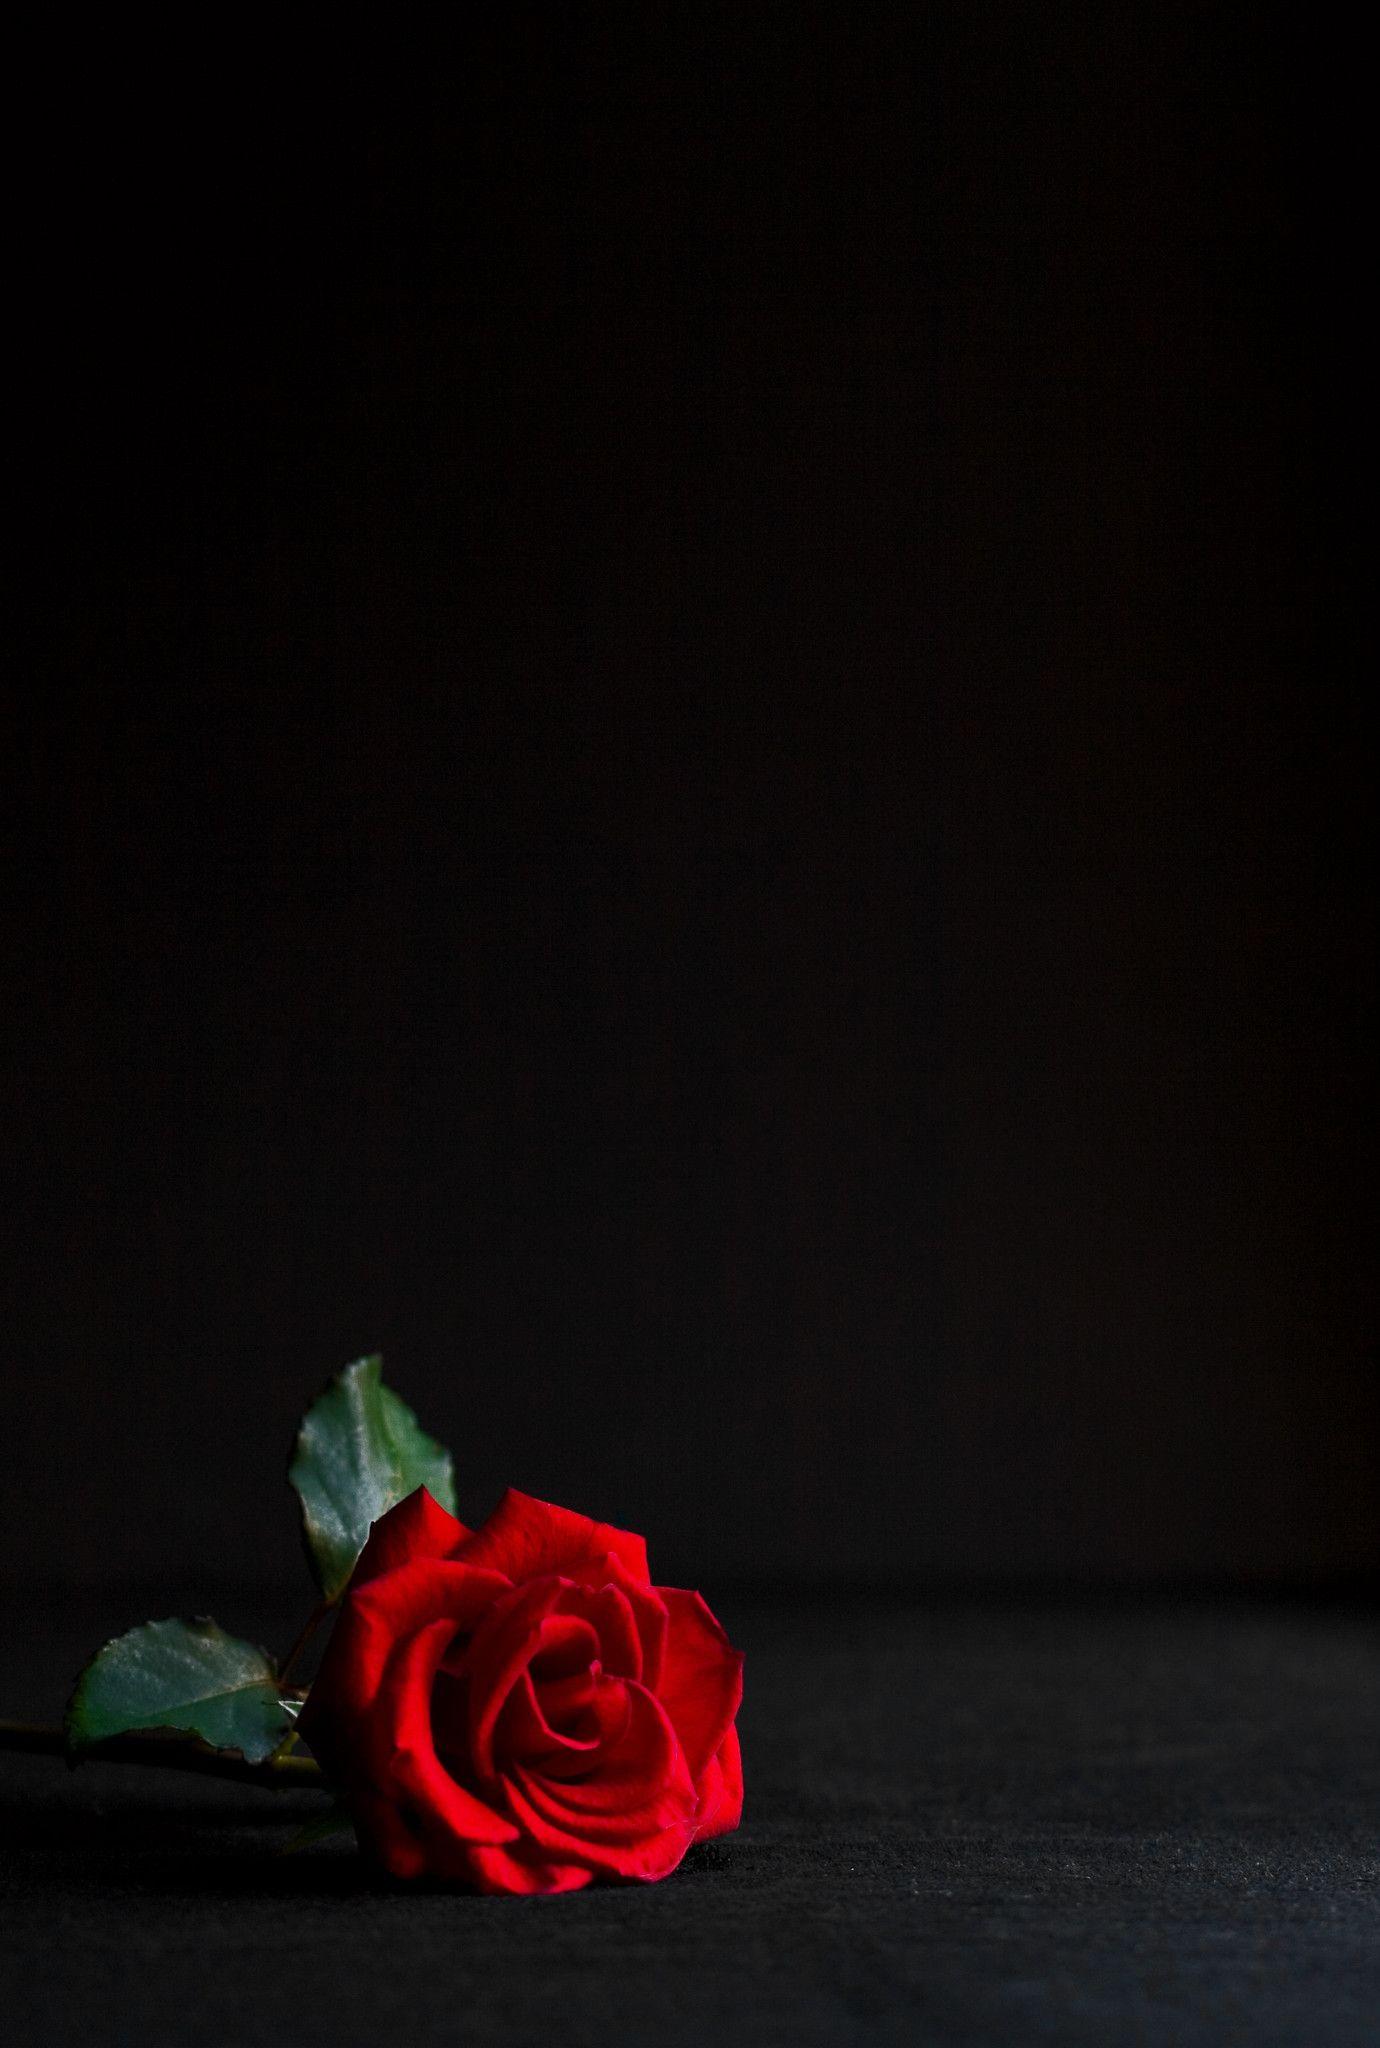 One Rose Di 2020 Doodle Bunga Mawar Cantik Seni Abstrak